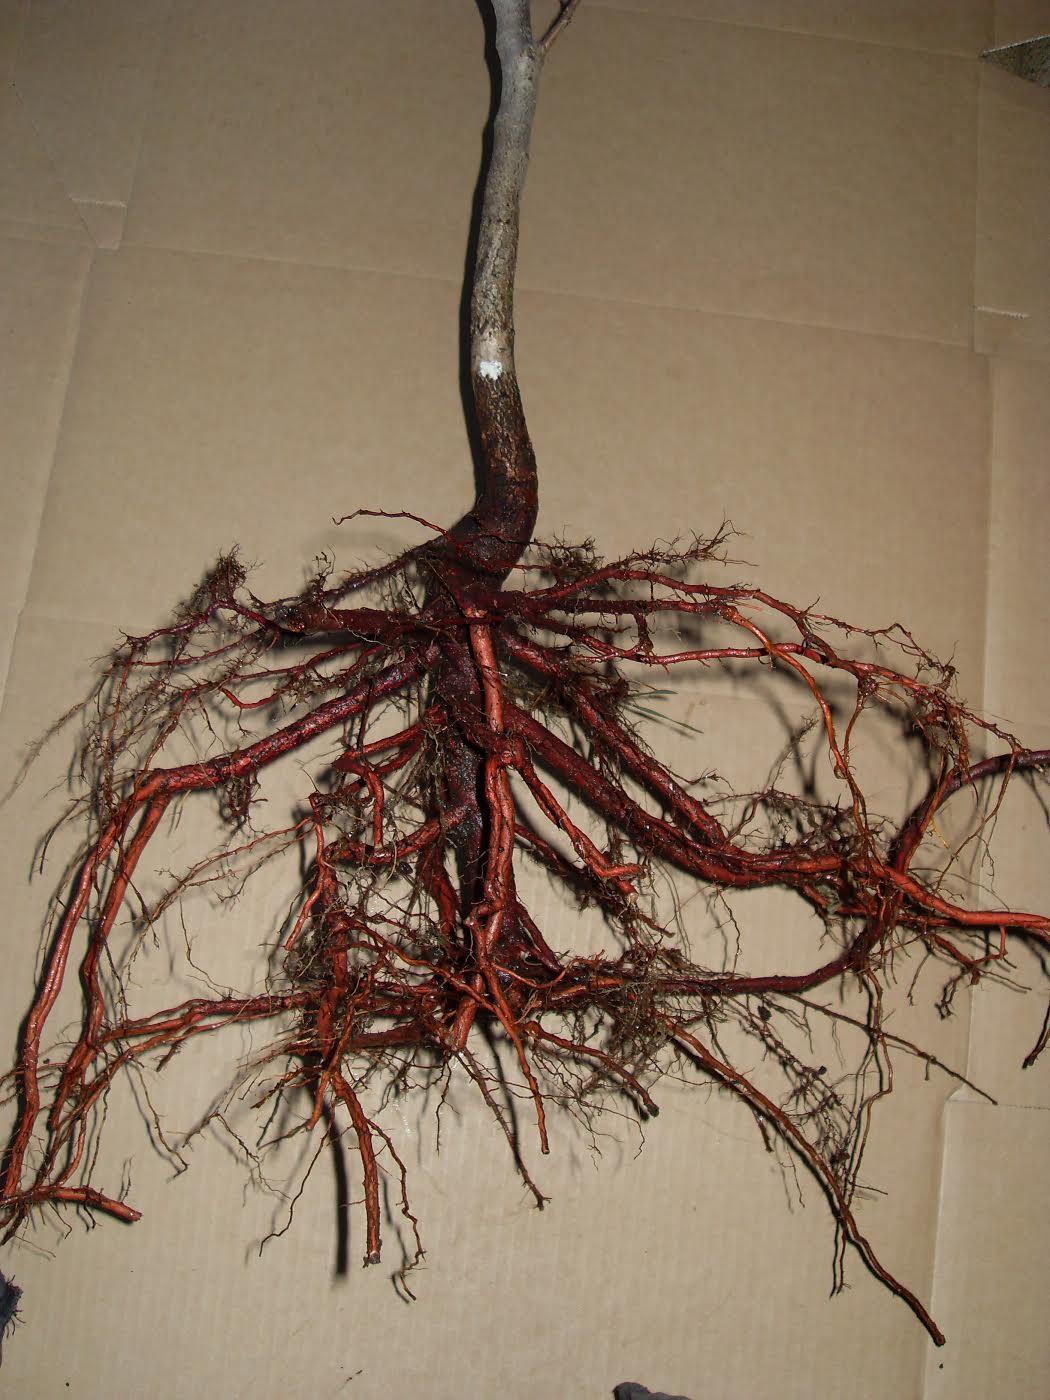 как растет корень груши фото белла картинки рабочий